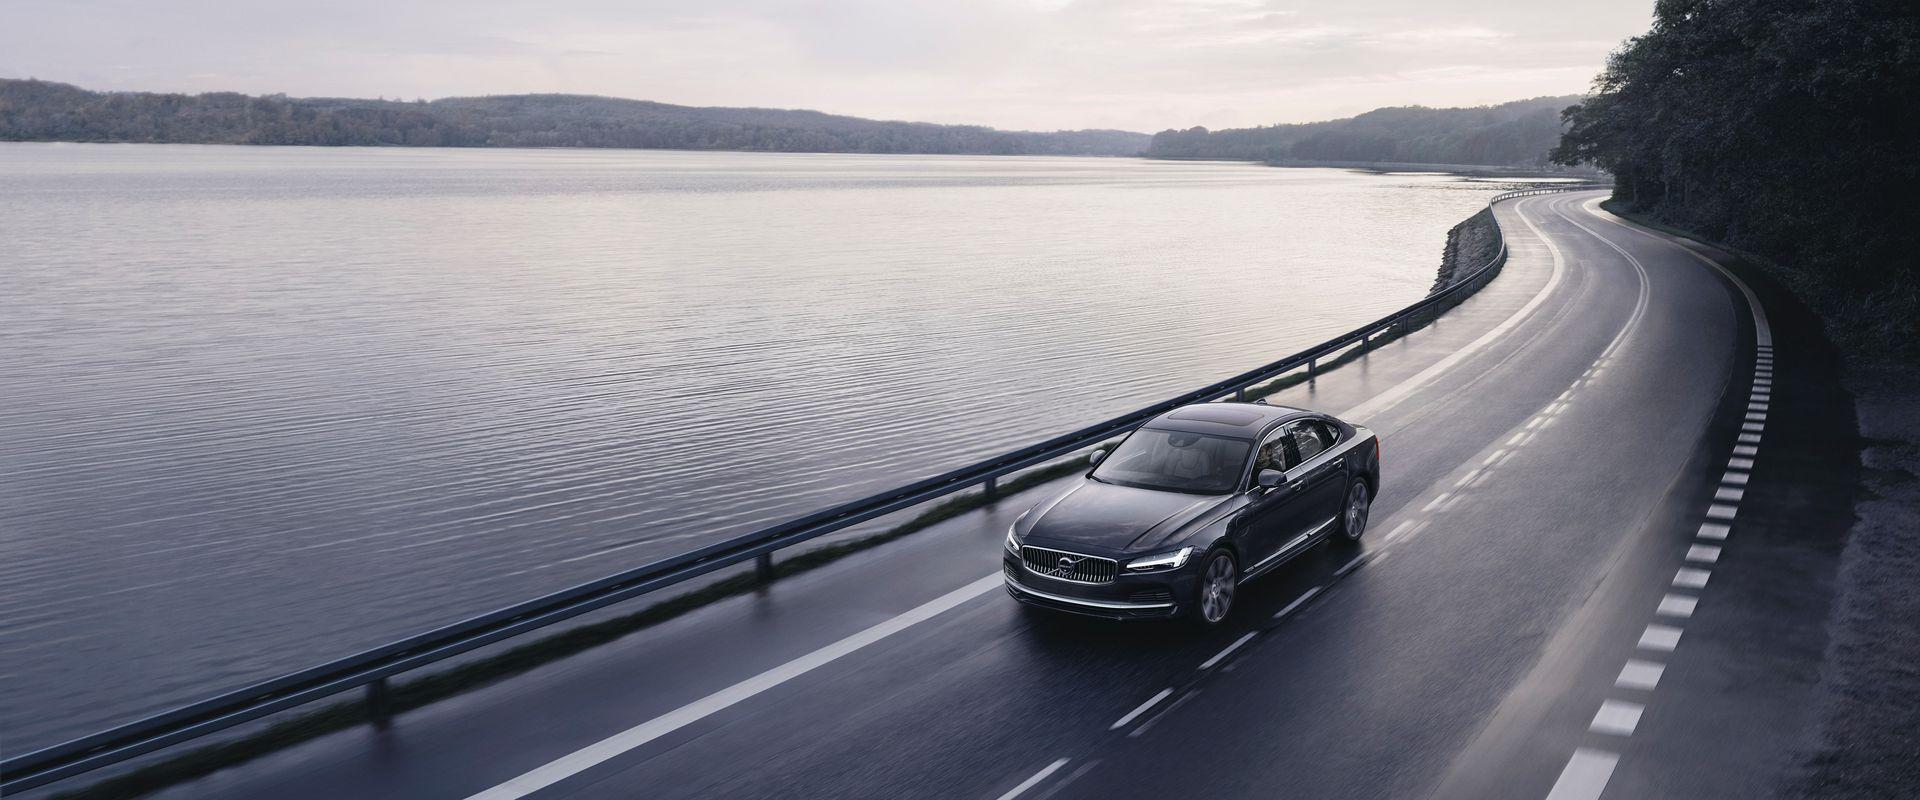 Mostantól minden új Volvo gépkocsi 180 km/órára korlátozott végsebességgel és programozható Care Key indítókulccsal kerül forgalomba